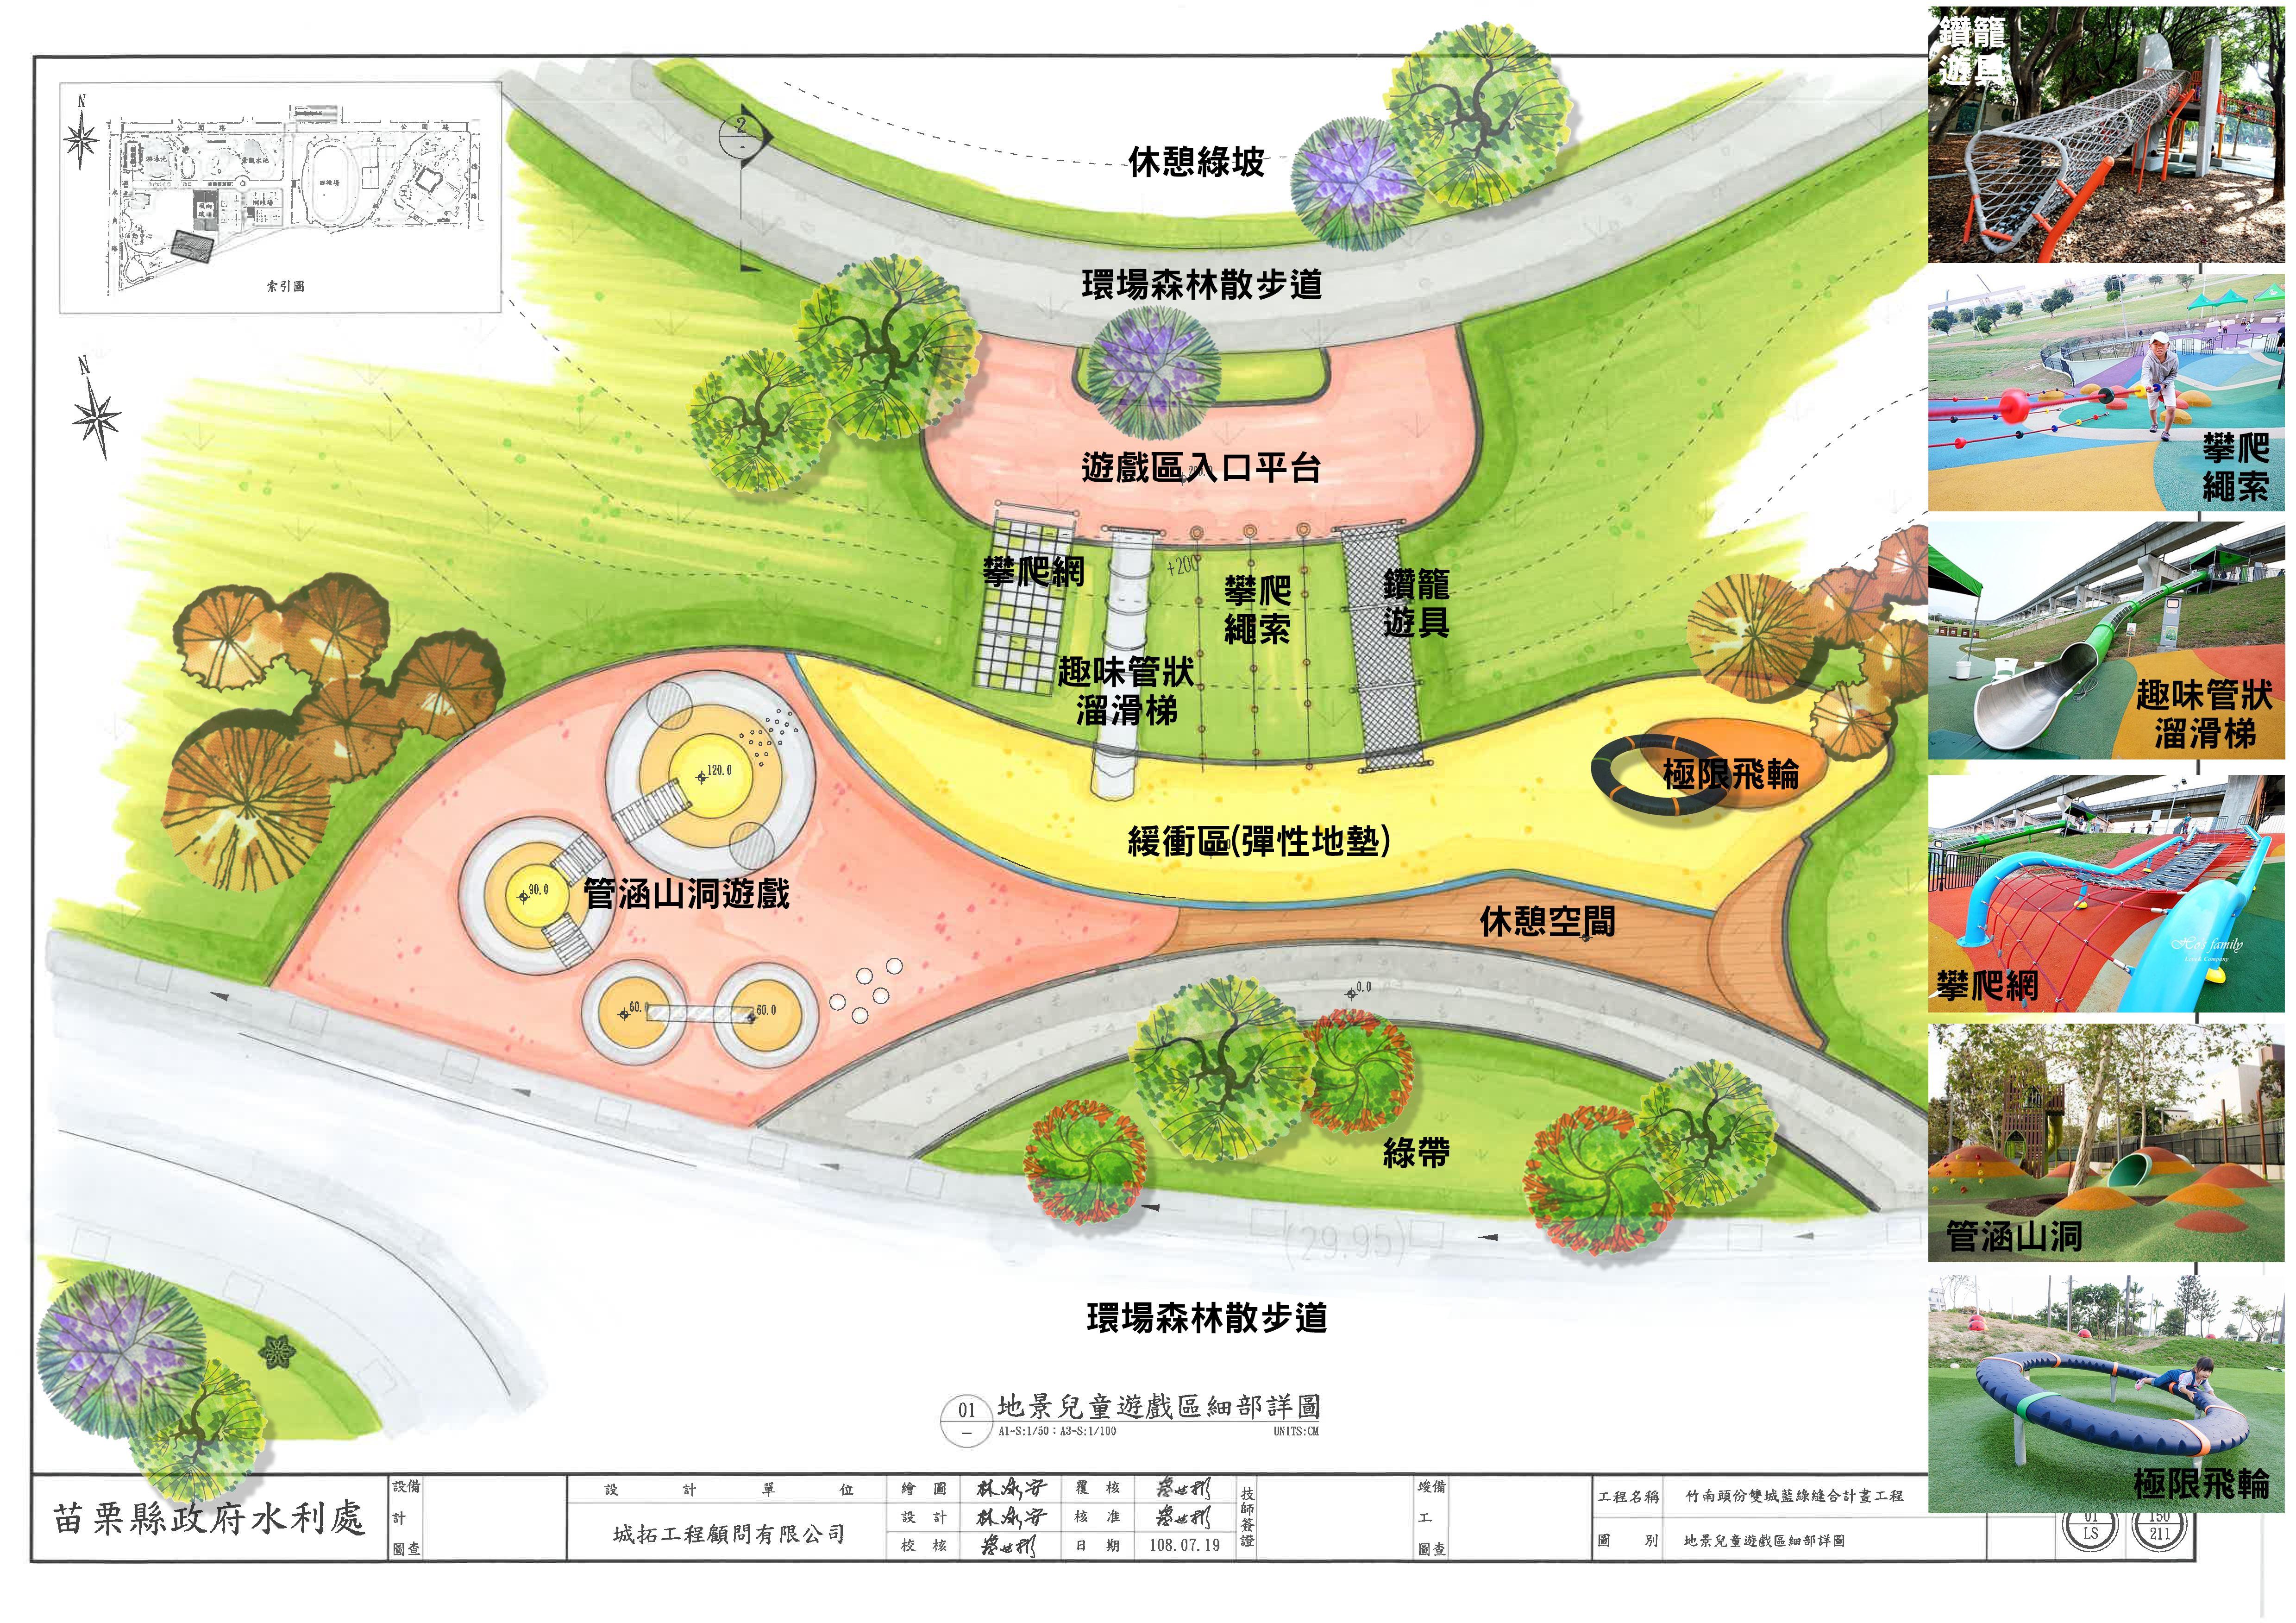 「竹南頭份雙城藍綠縫合計畫工程」地景兒童遊戲區說明會